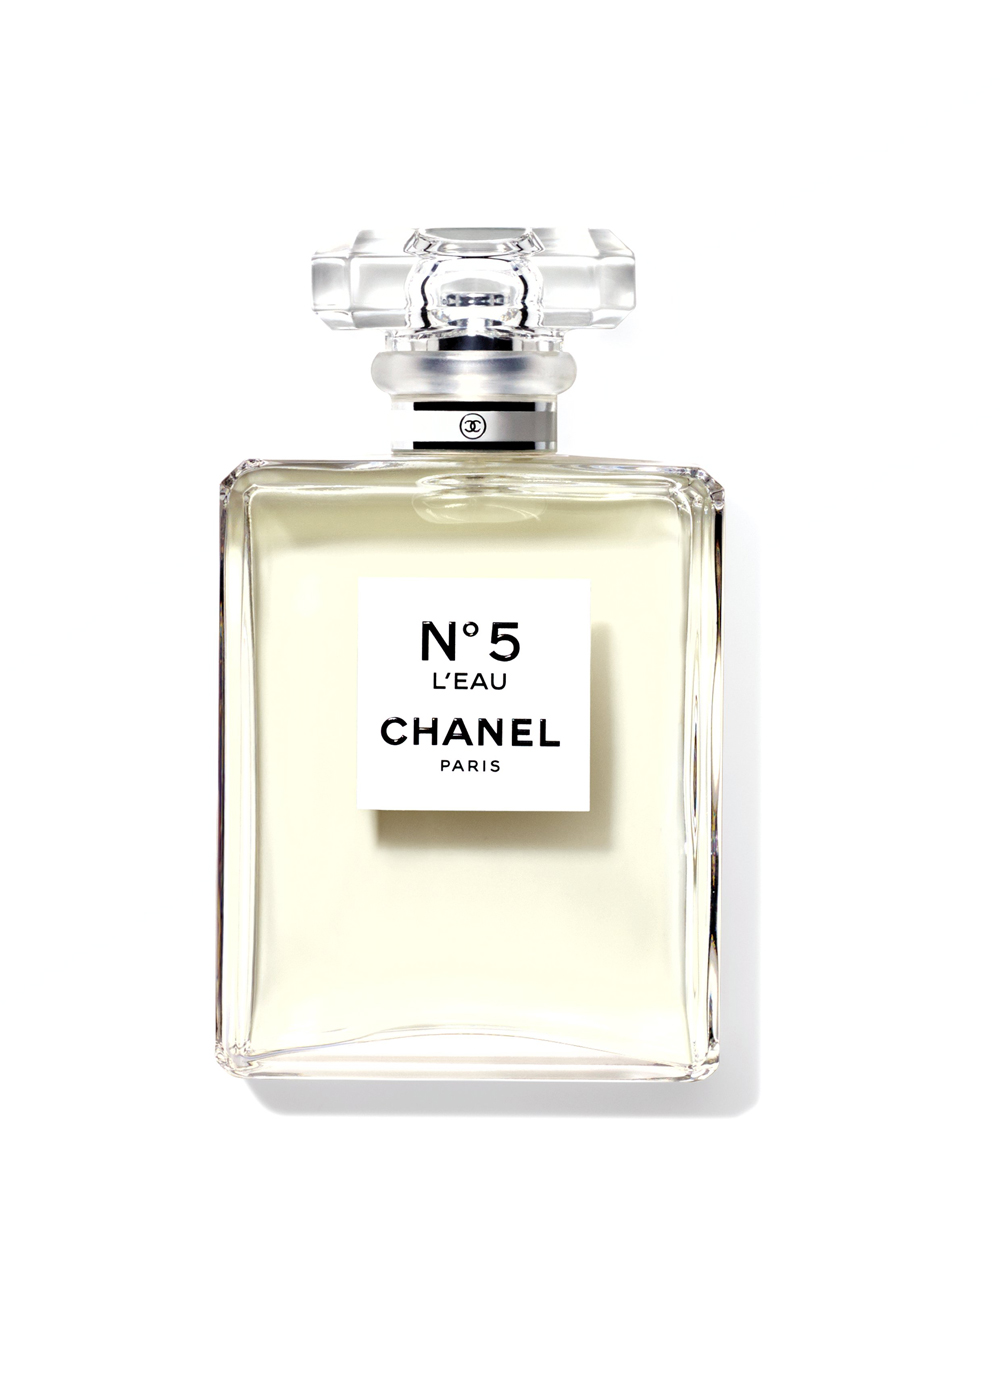 Alles, was Du schon immer über Chanel No 5 wissen wolltest, erfährst Du hier auf sonrisa.